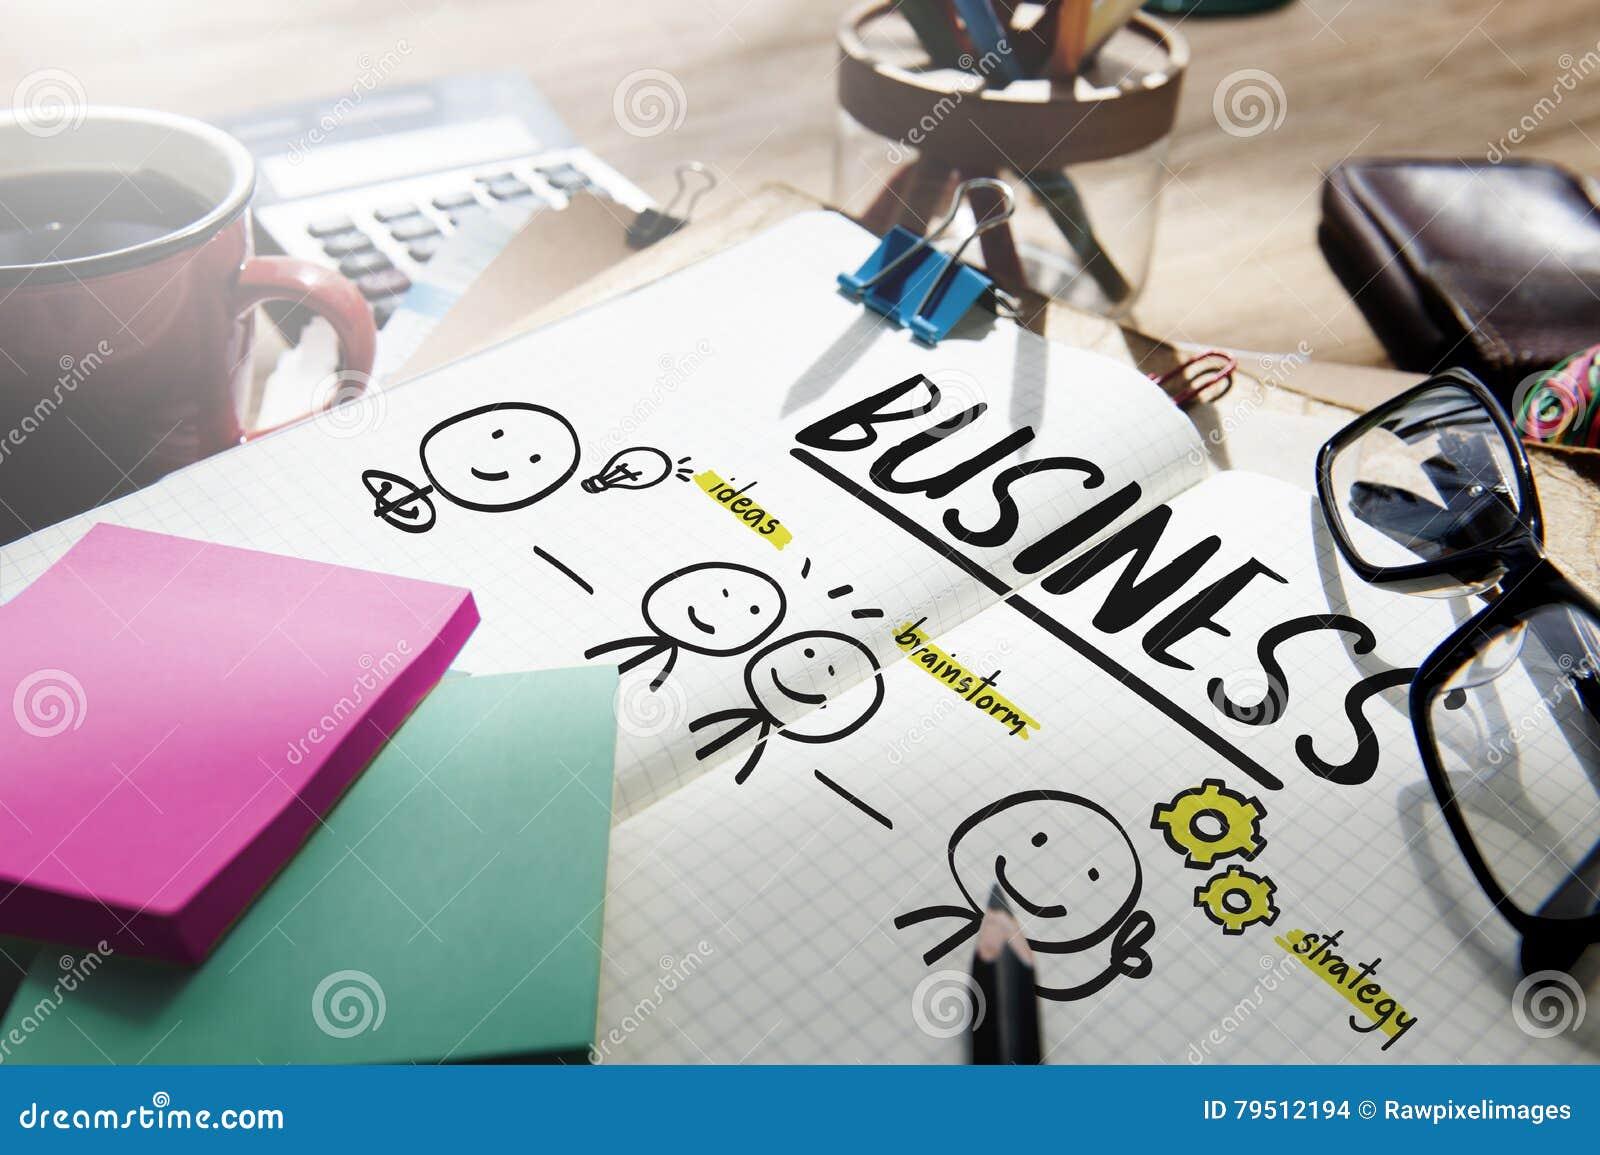 Форм идеи бизнеса интересные идеи бизнеса